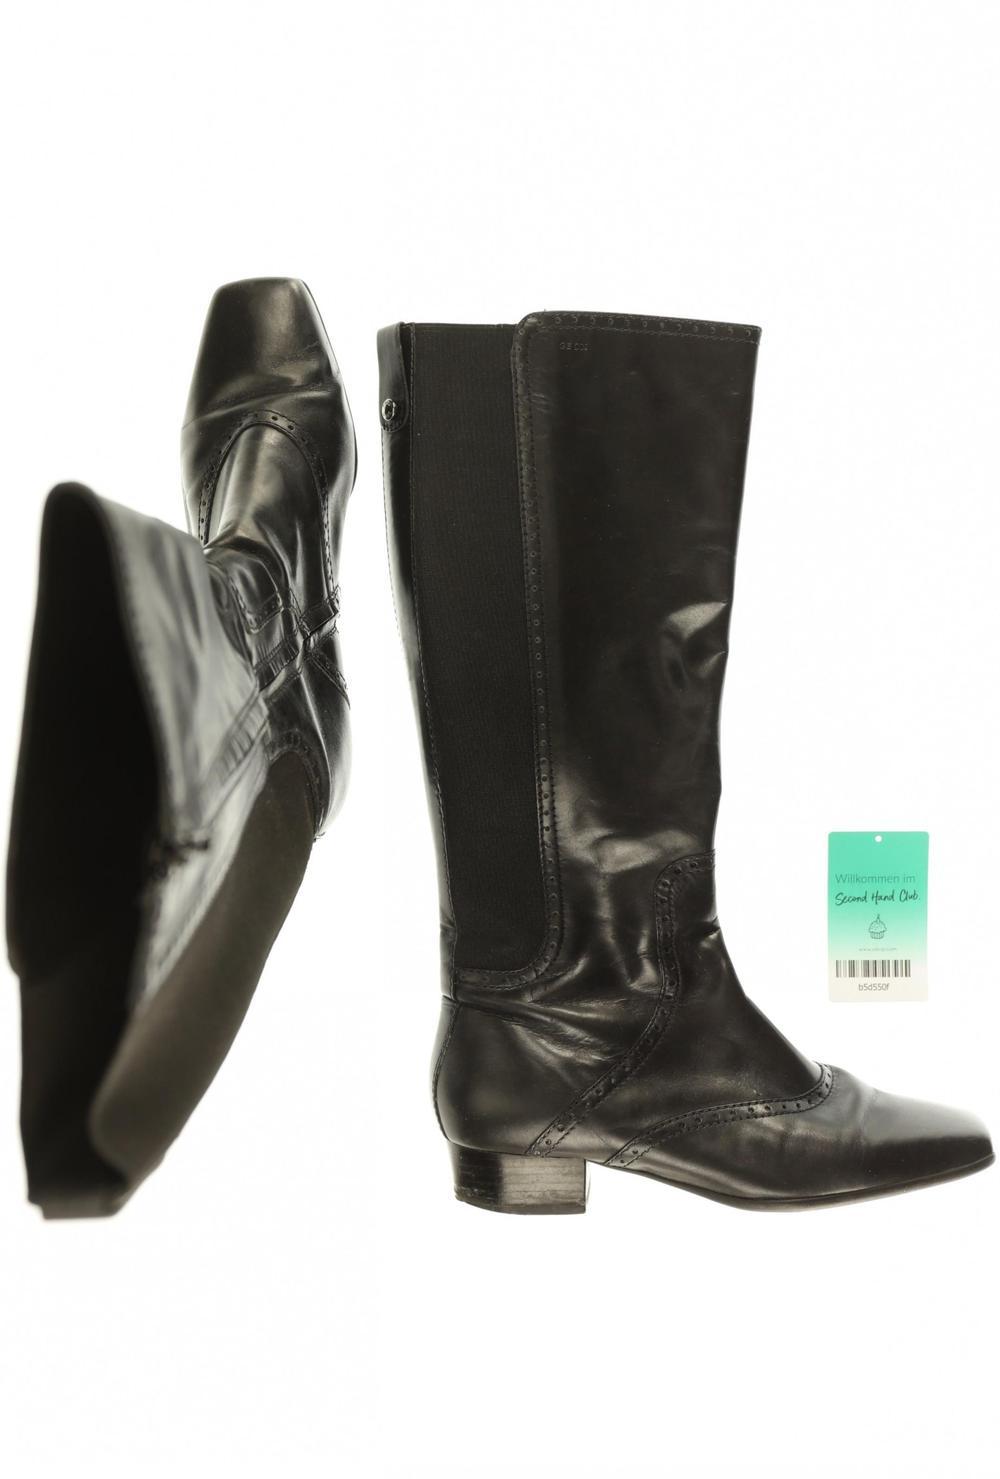 moderate Kosten Qualitätsprodukte heiß seeling original ubup | Geox Damen Stiefel DE 38.5 Second Hand kaufen